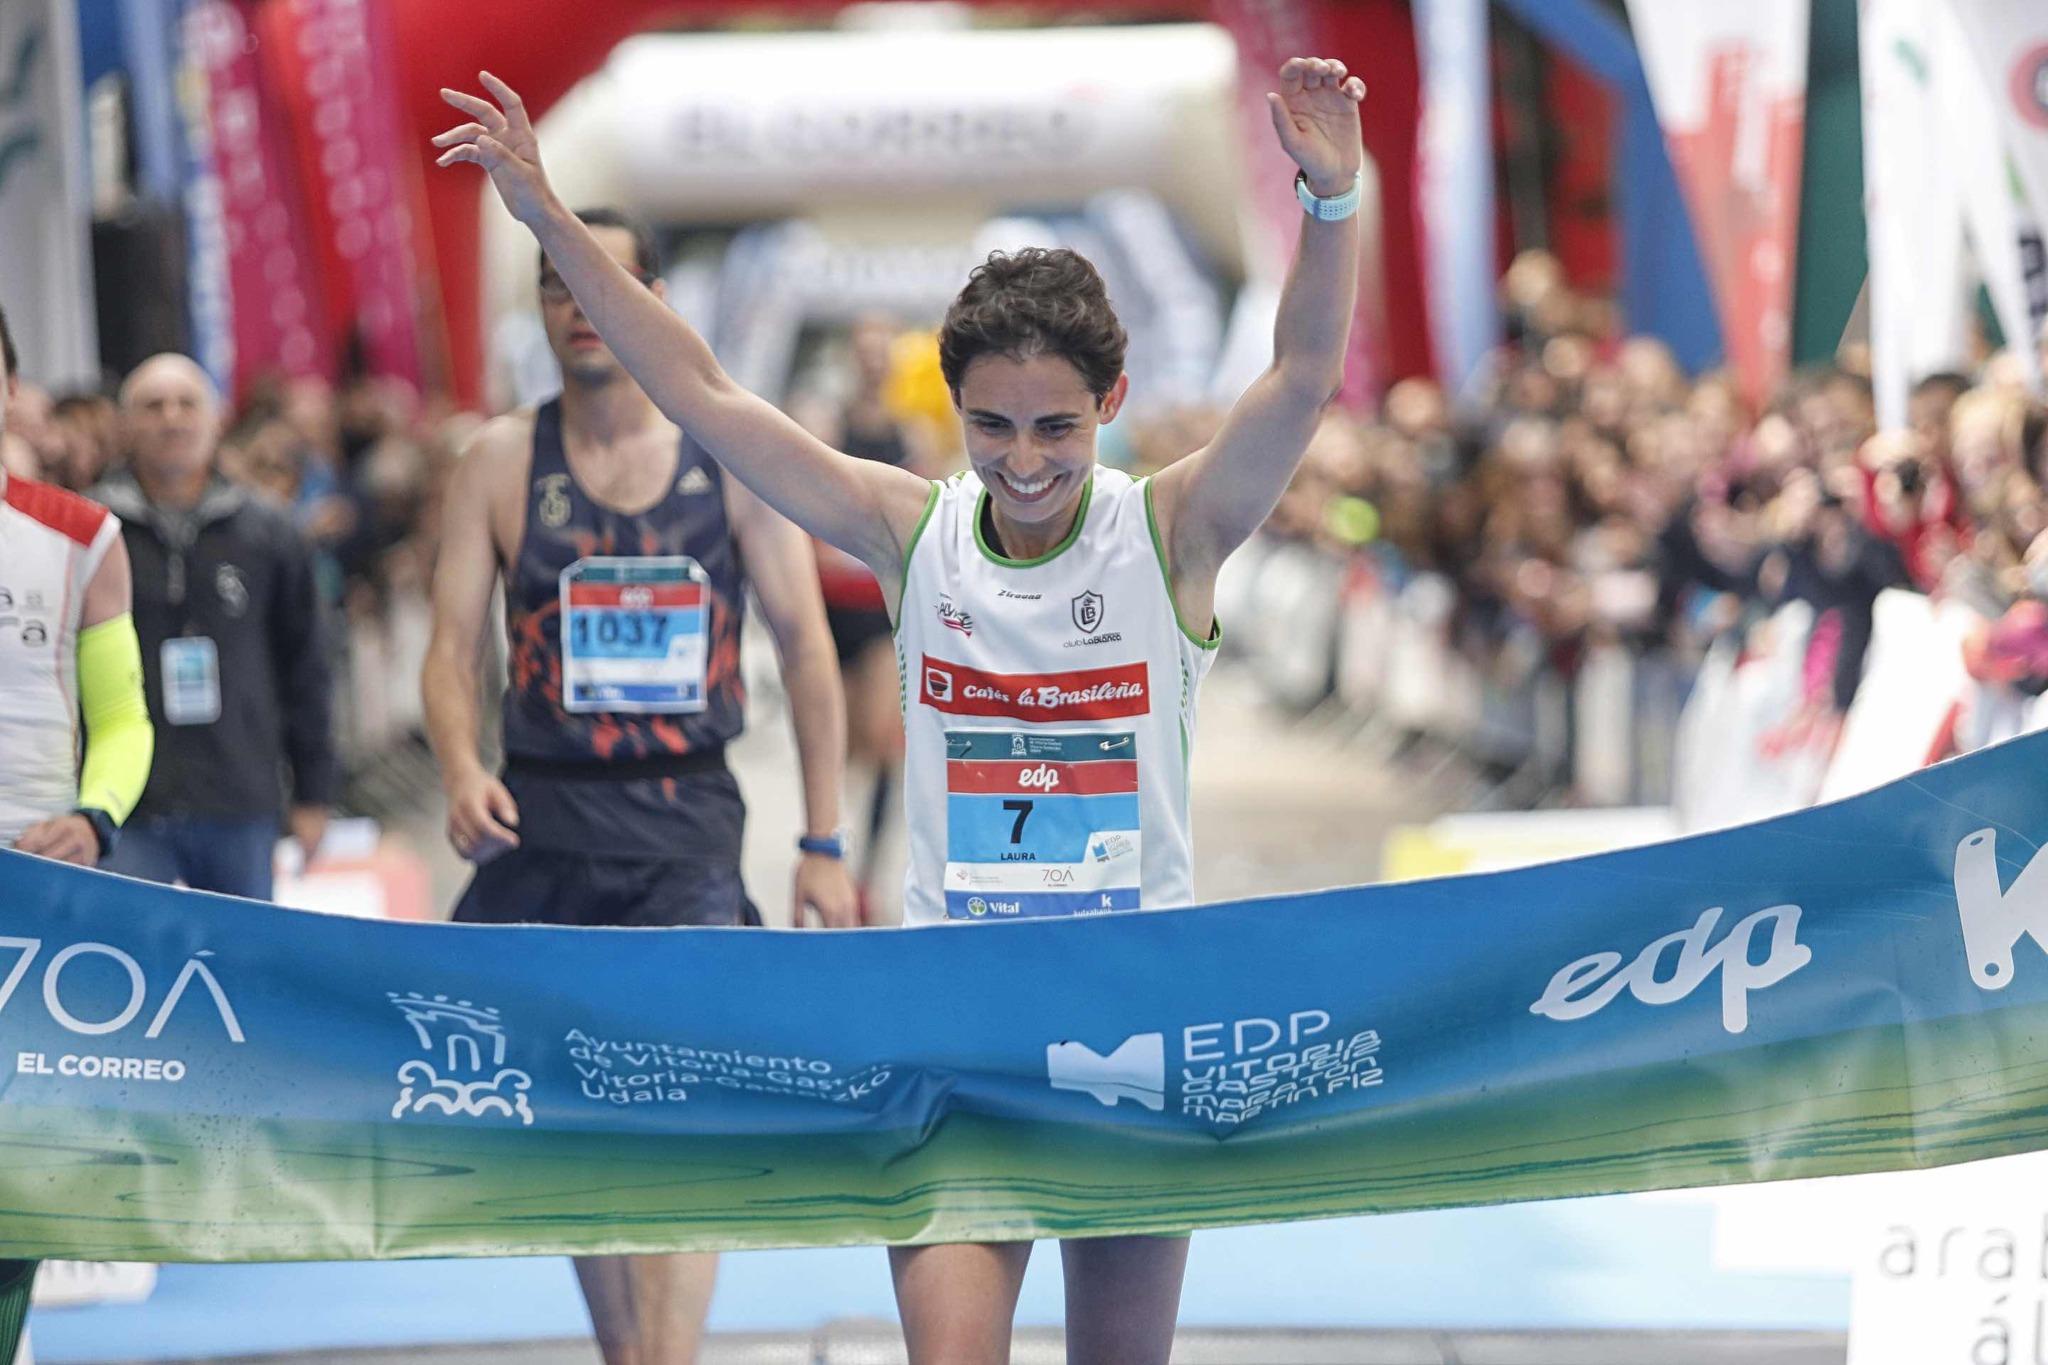 Laura García Mejuto entra en meta como ganadora.